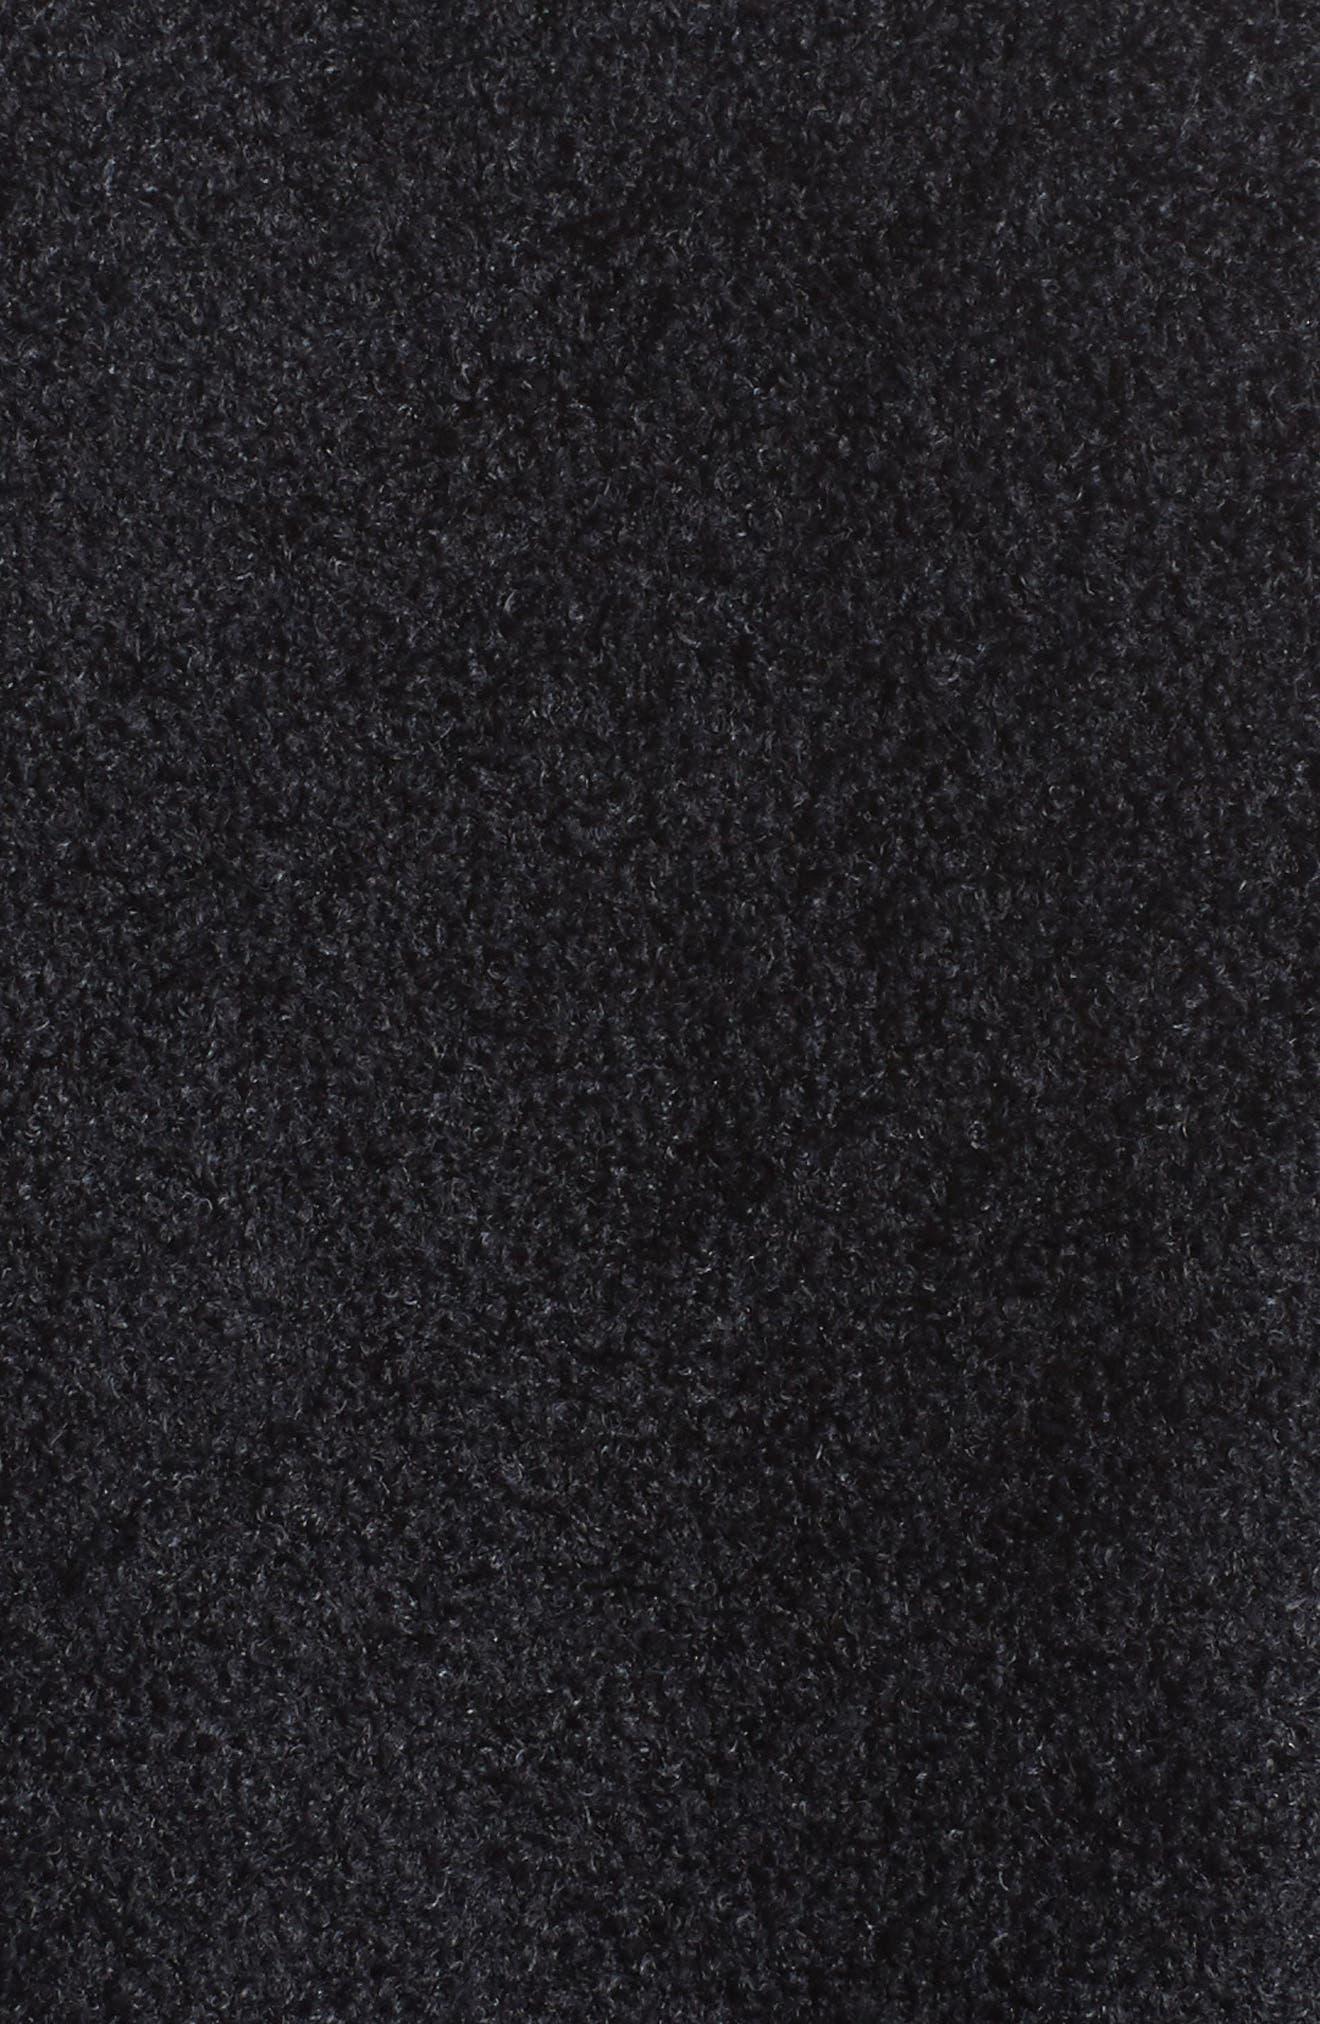 Cliffside Circle Wrap,                             Alternate thumbnail 5, color,                             BLACK/ GRAPHITE